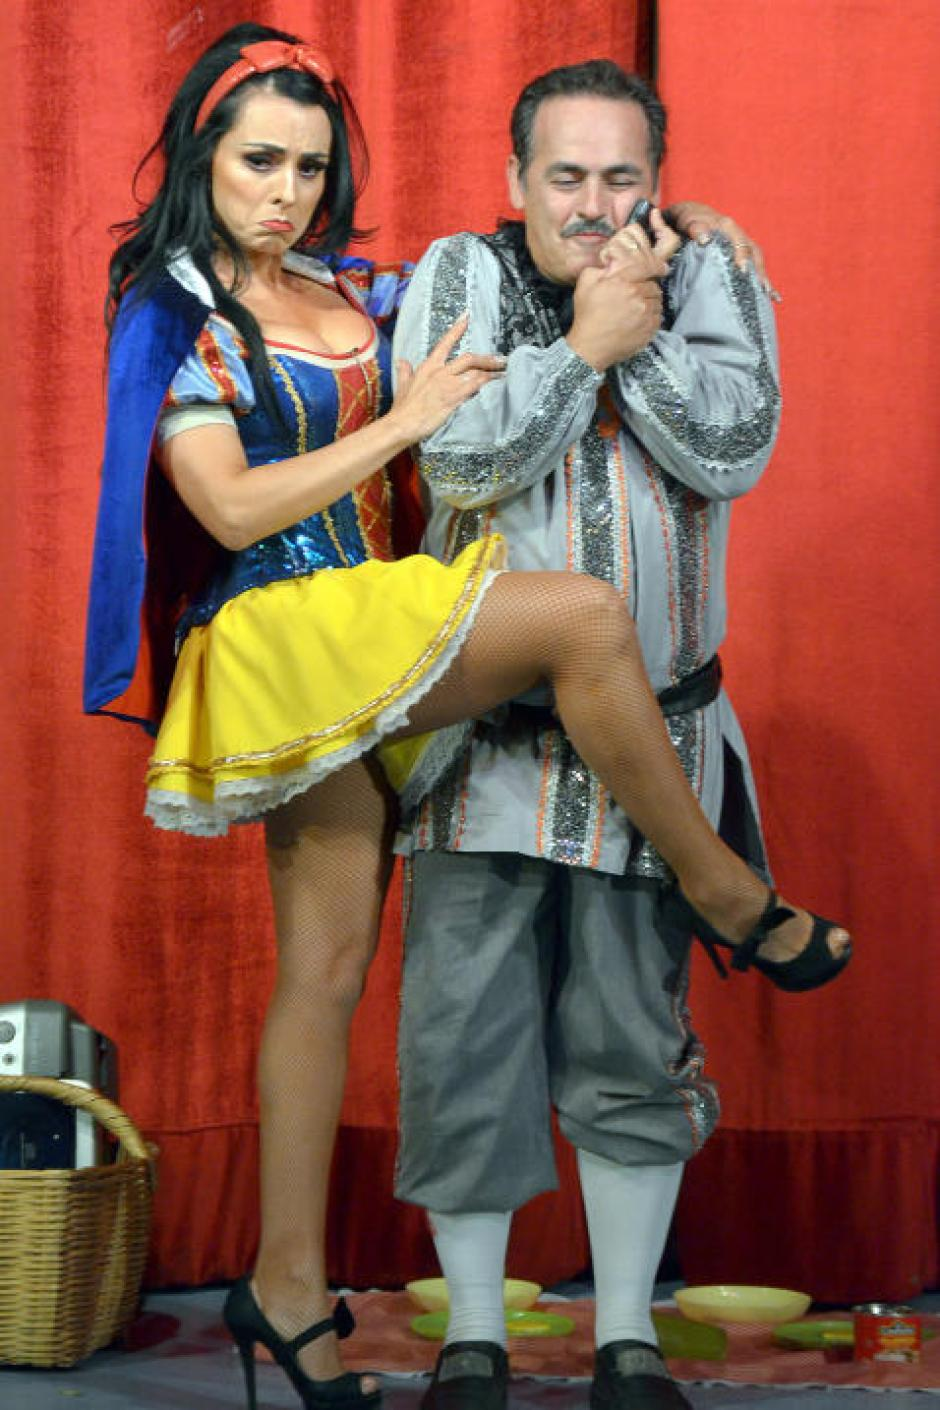 Junto a Luis Arcaraz y un gran elenco Ivonne Montero luce su belleza y talento. (Foto: Mezcalent/Univisión)